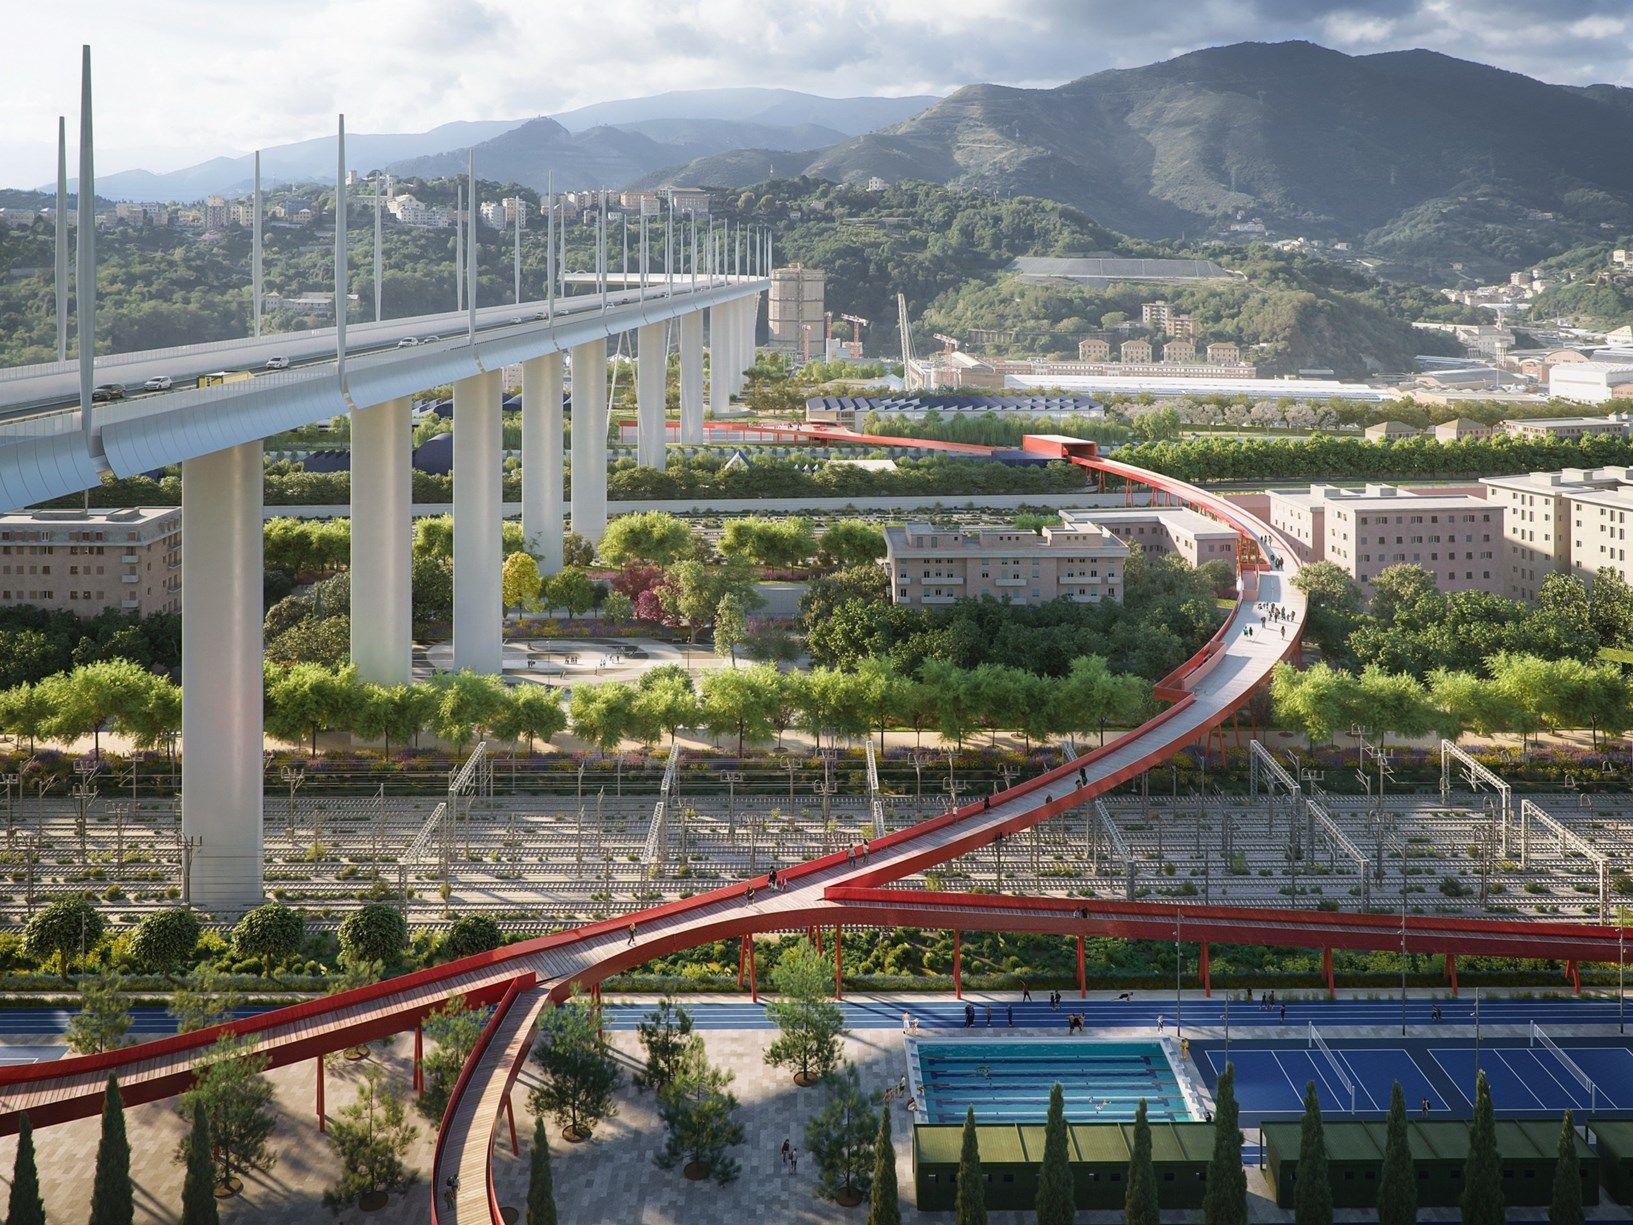 Il Parco del Ponte a Genova: il progetto vincitore